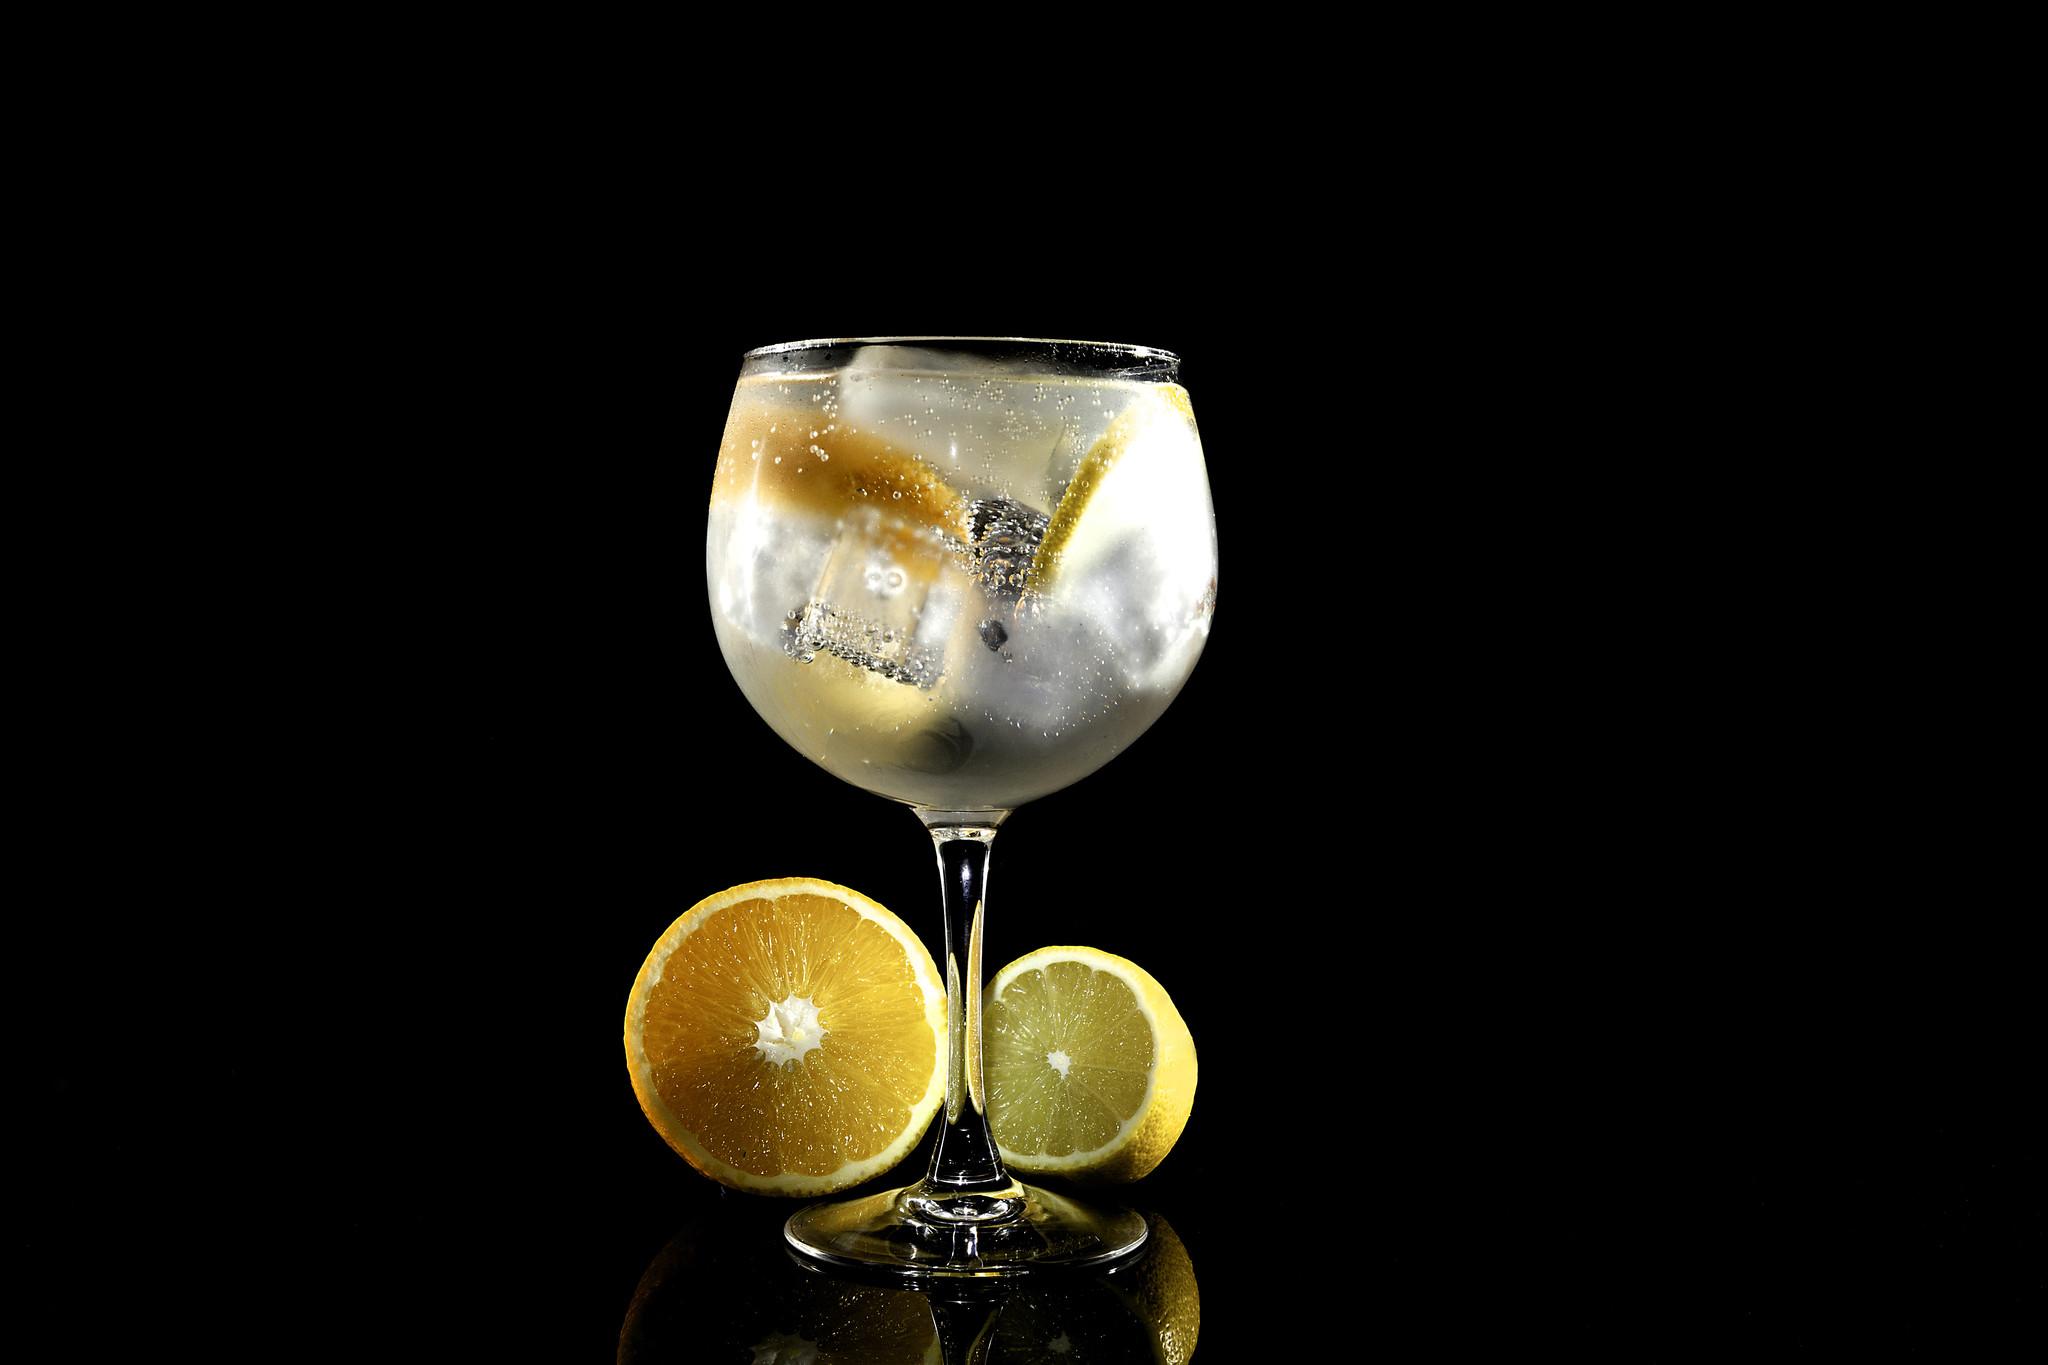 Gin-tonicglazen